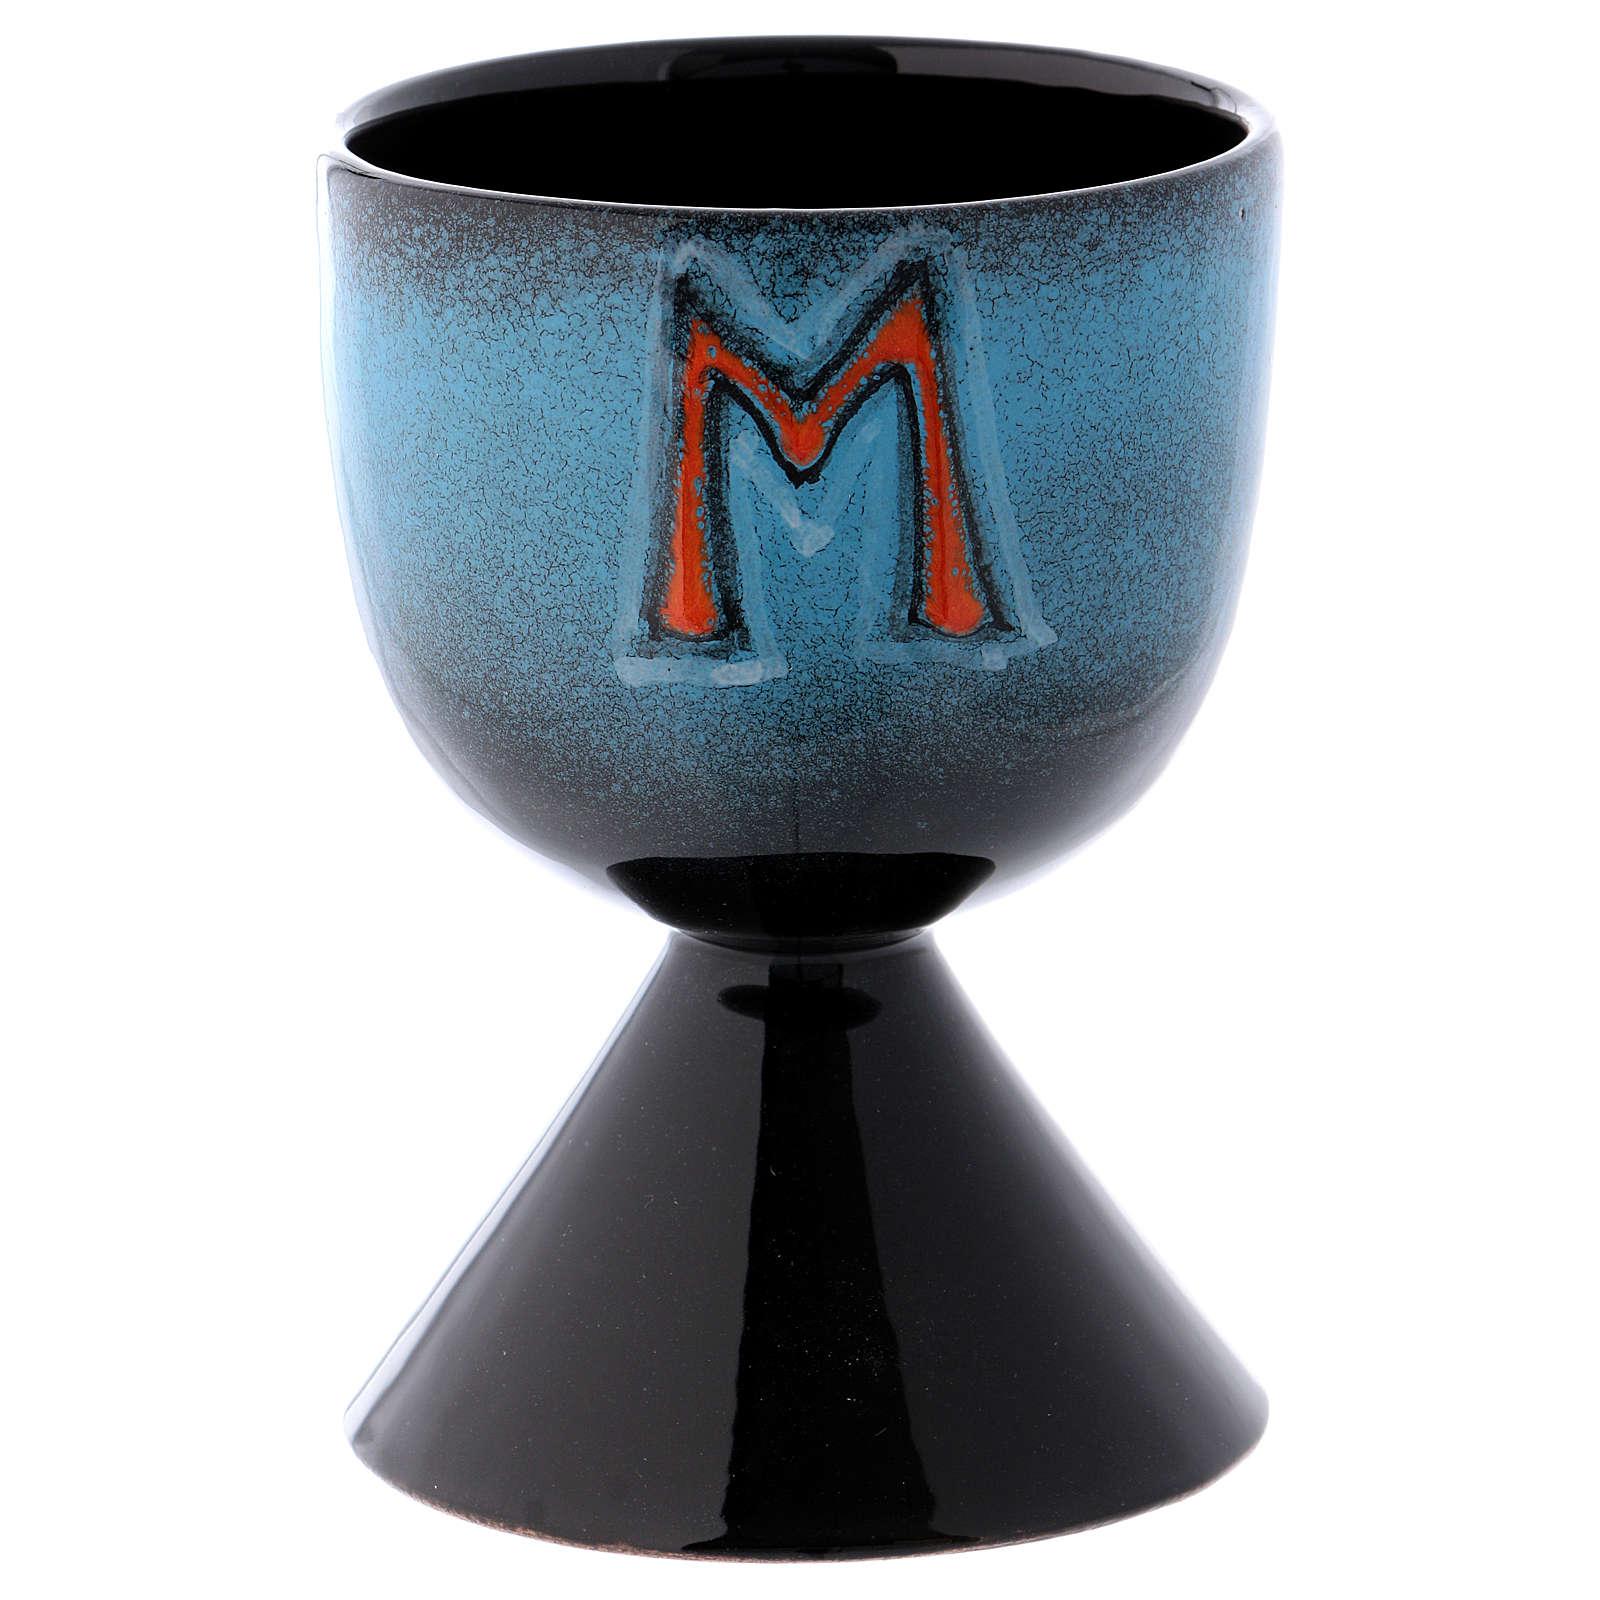 Kielich turkusowy ceramika symbol maryjny 4